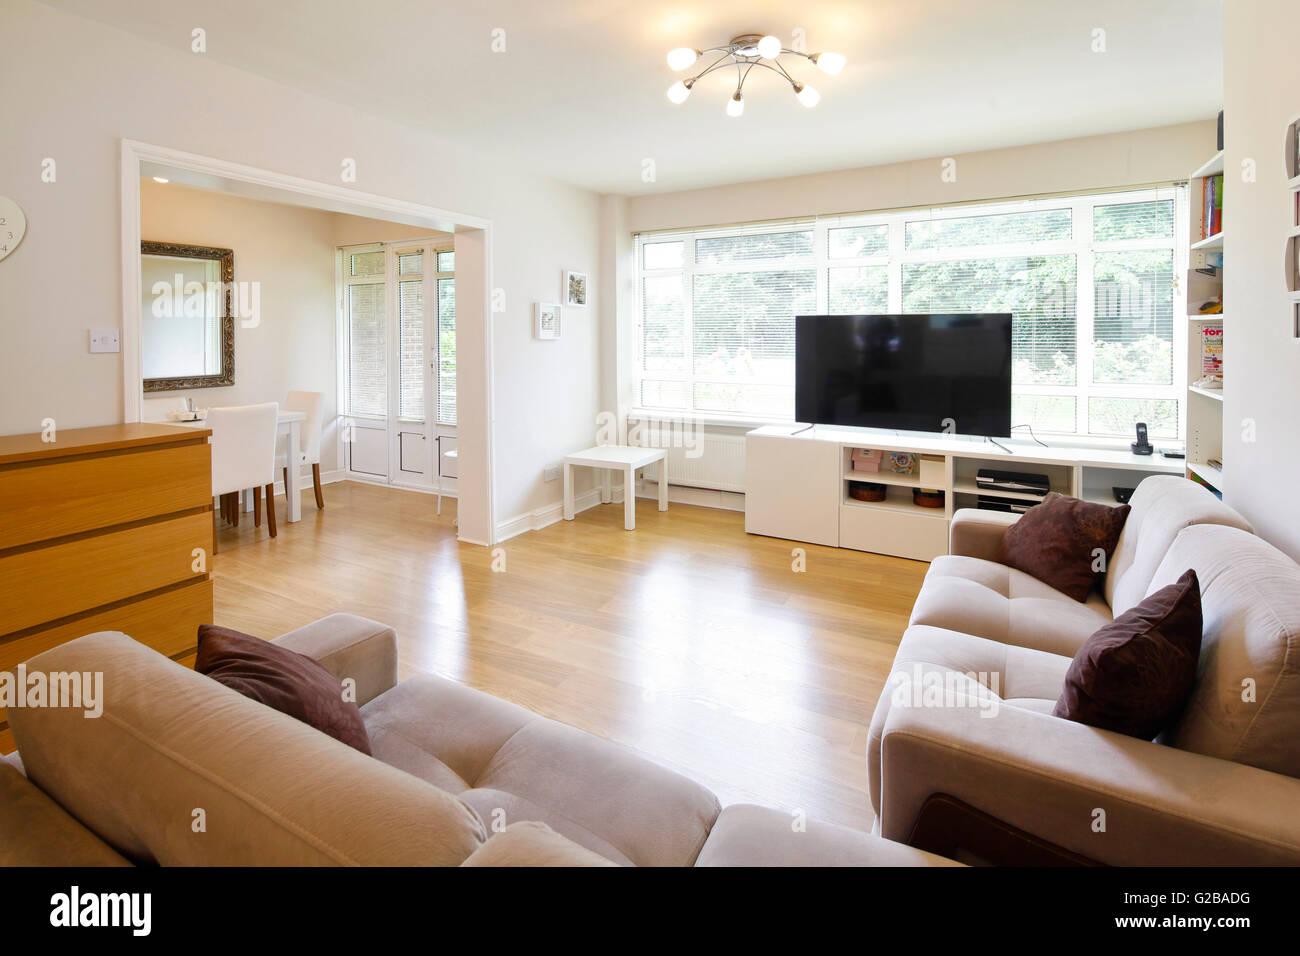 ellington gericht southgate offene wohn und essbereich mit holzb den im ganzen raum gro e. Black Bedroom Furniture Sets. Home Design Ideas